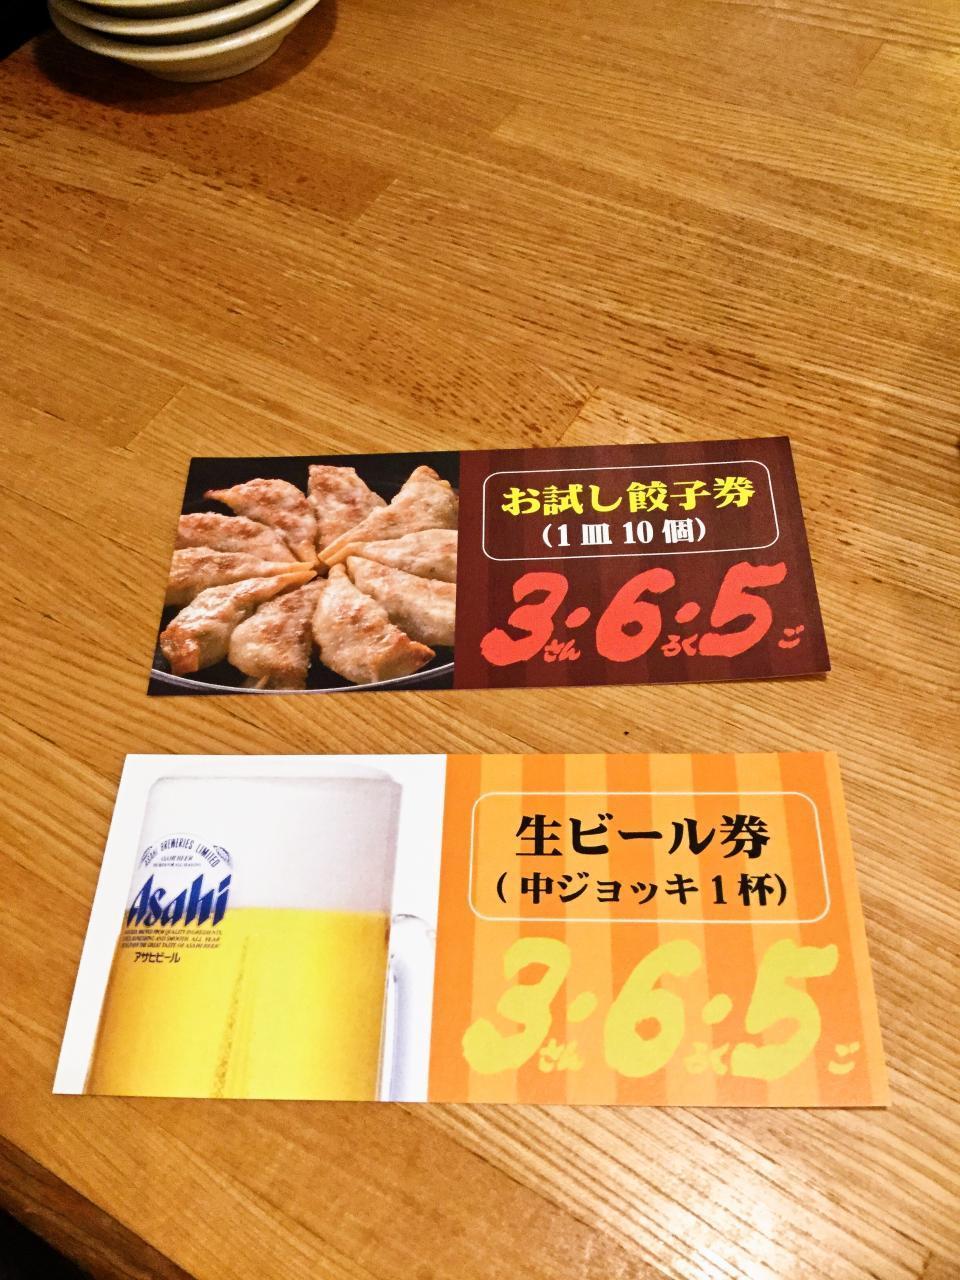 3・6・5酒場 渋谷本店(餃子100個)